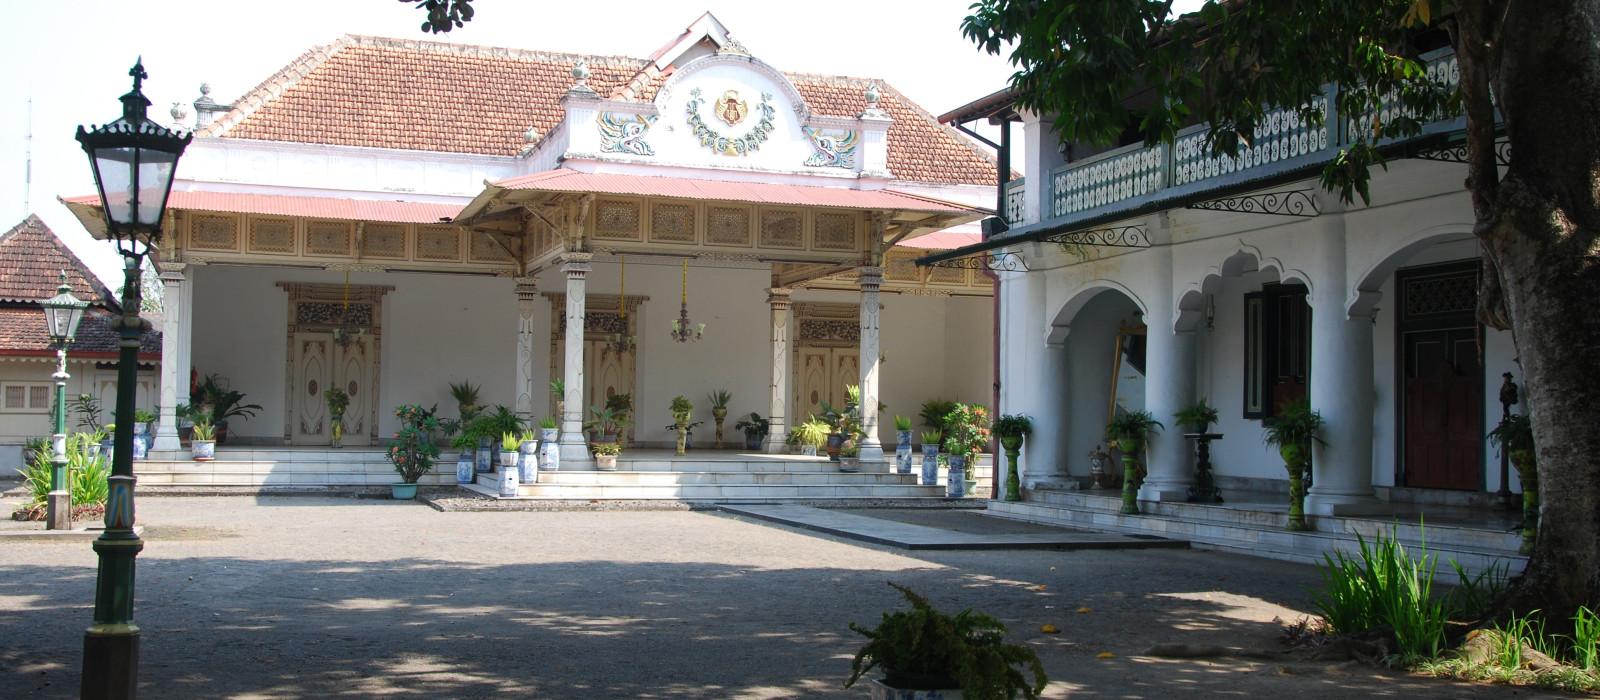 Reiseziel Java,Yogyakarta Indonesien